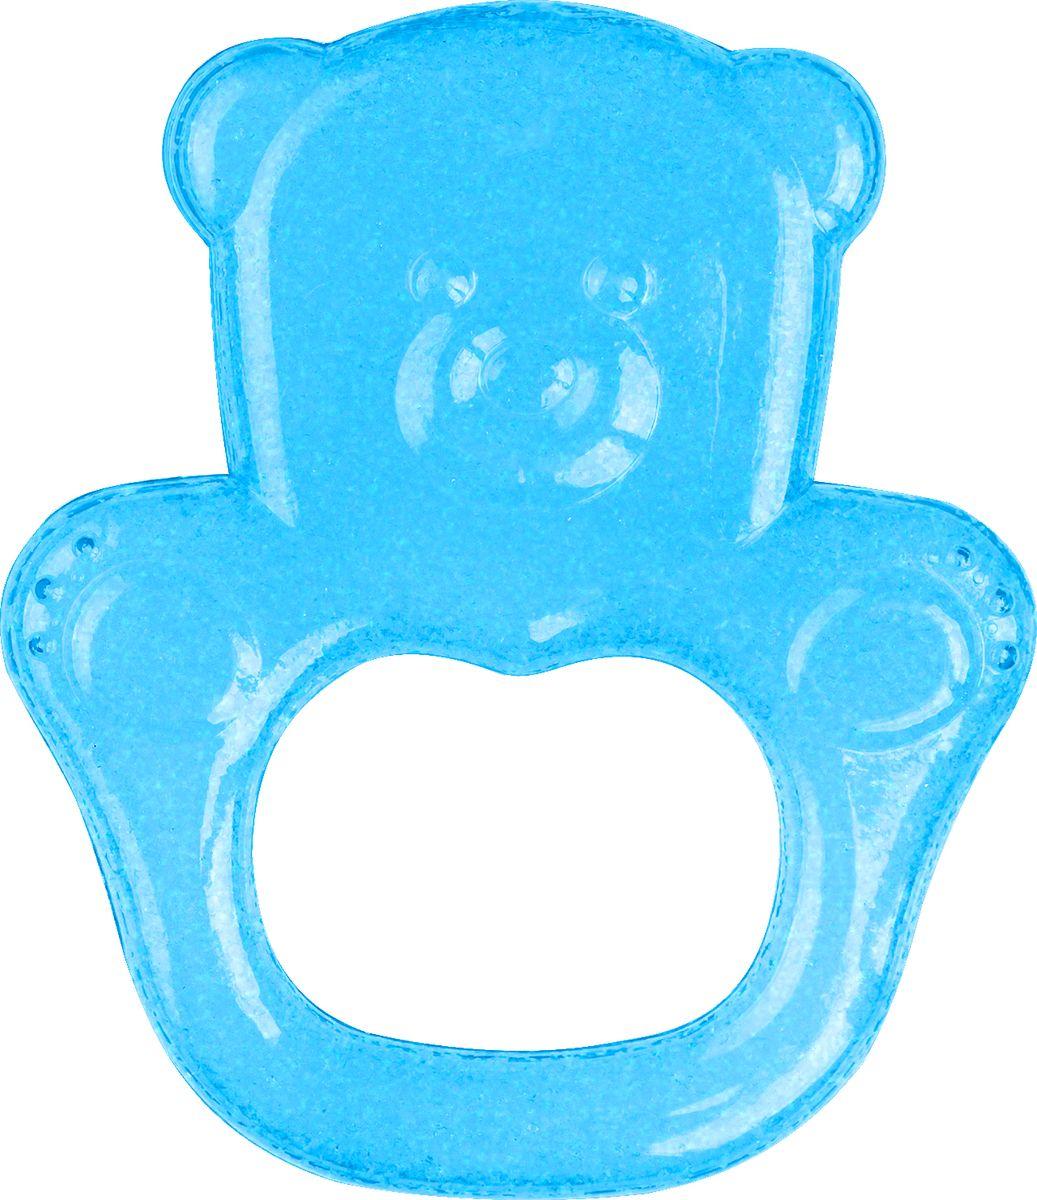 BabyOno Прорезыватель охлаждающий Мишка цвет голубой погремушки babyono прорезыватель черепашка